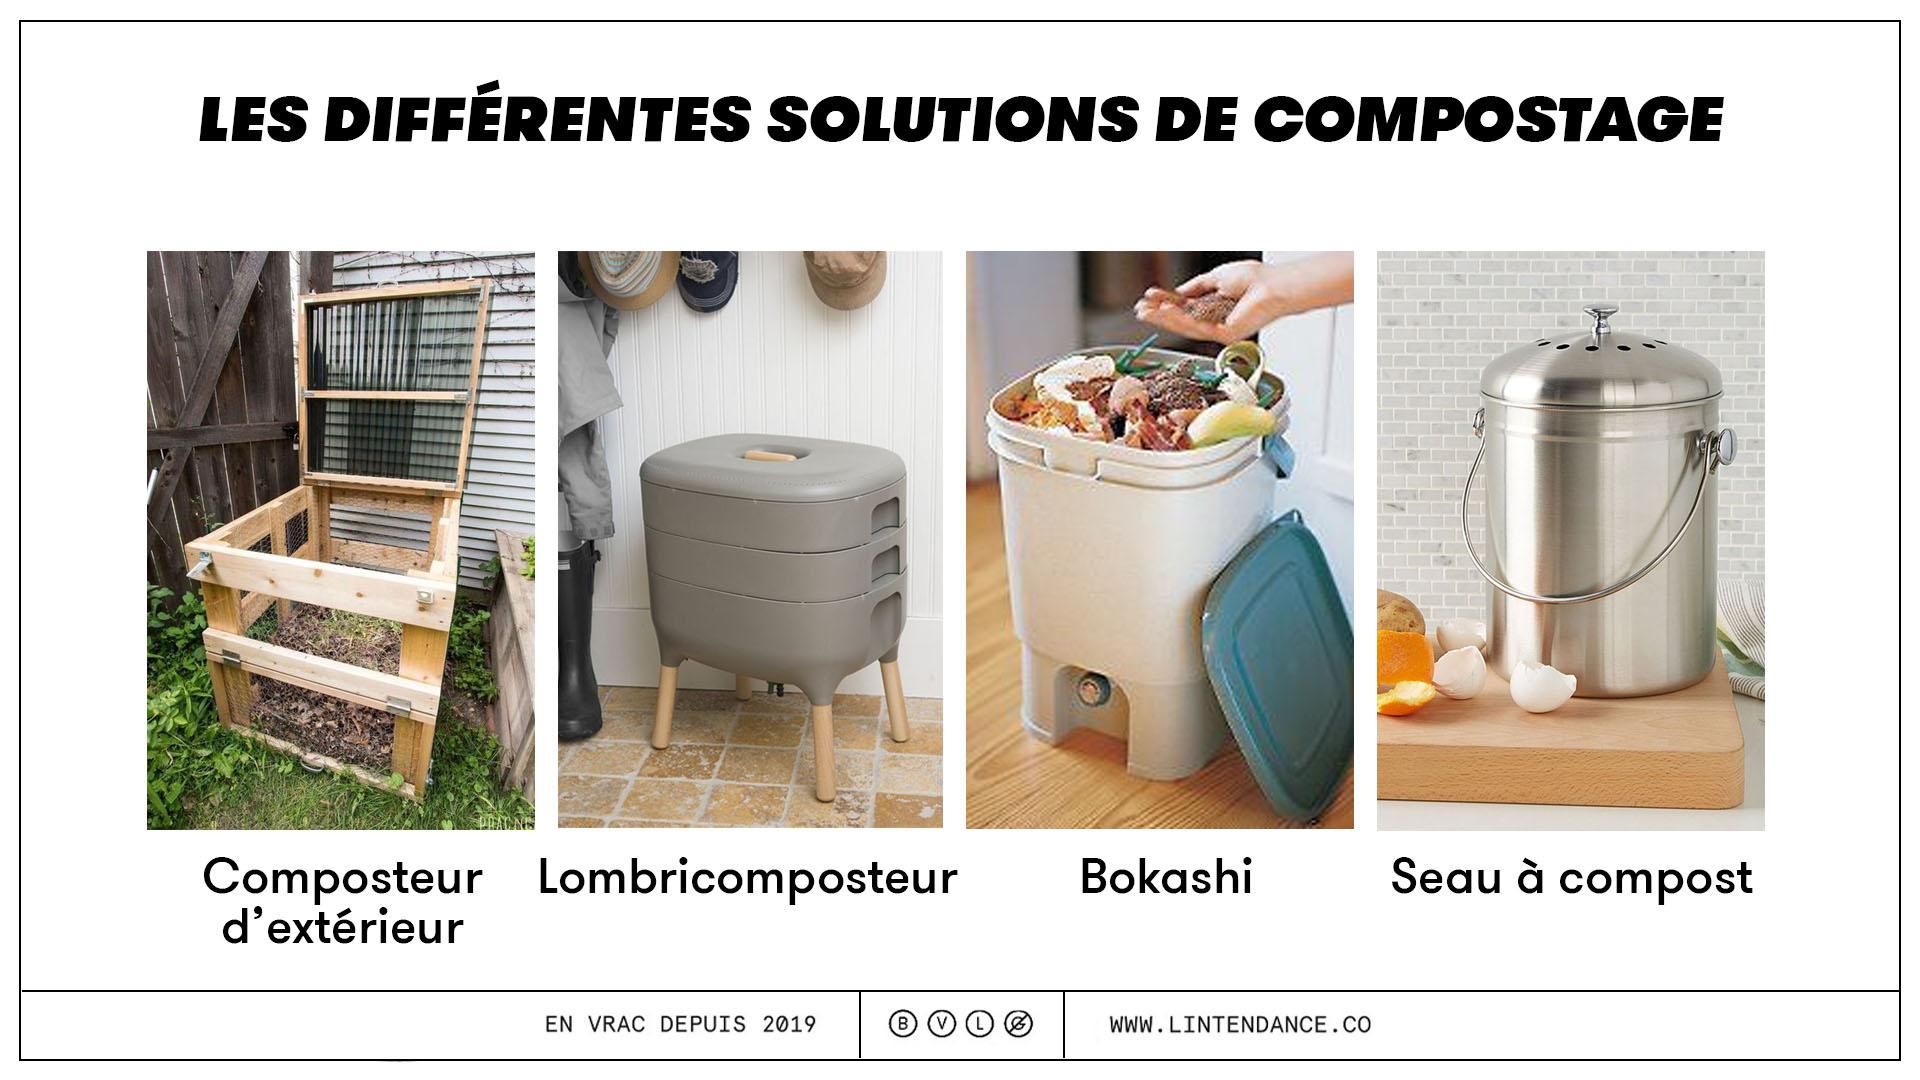 Les différentes solutions de compostage